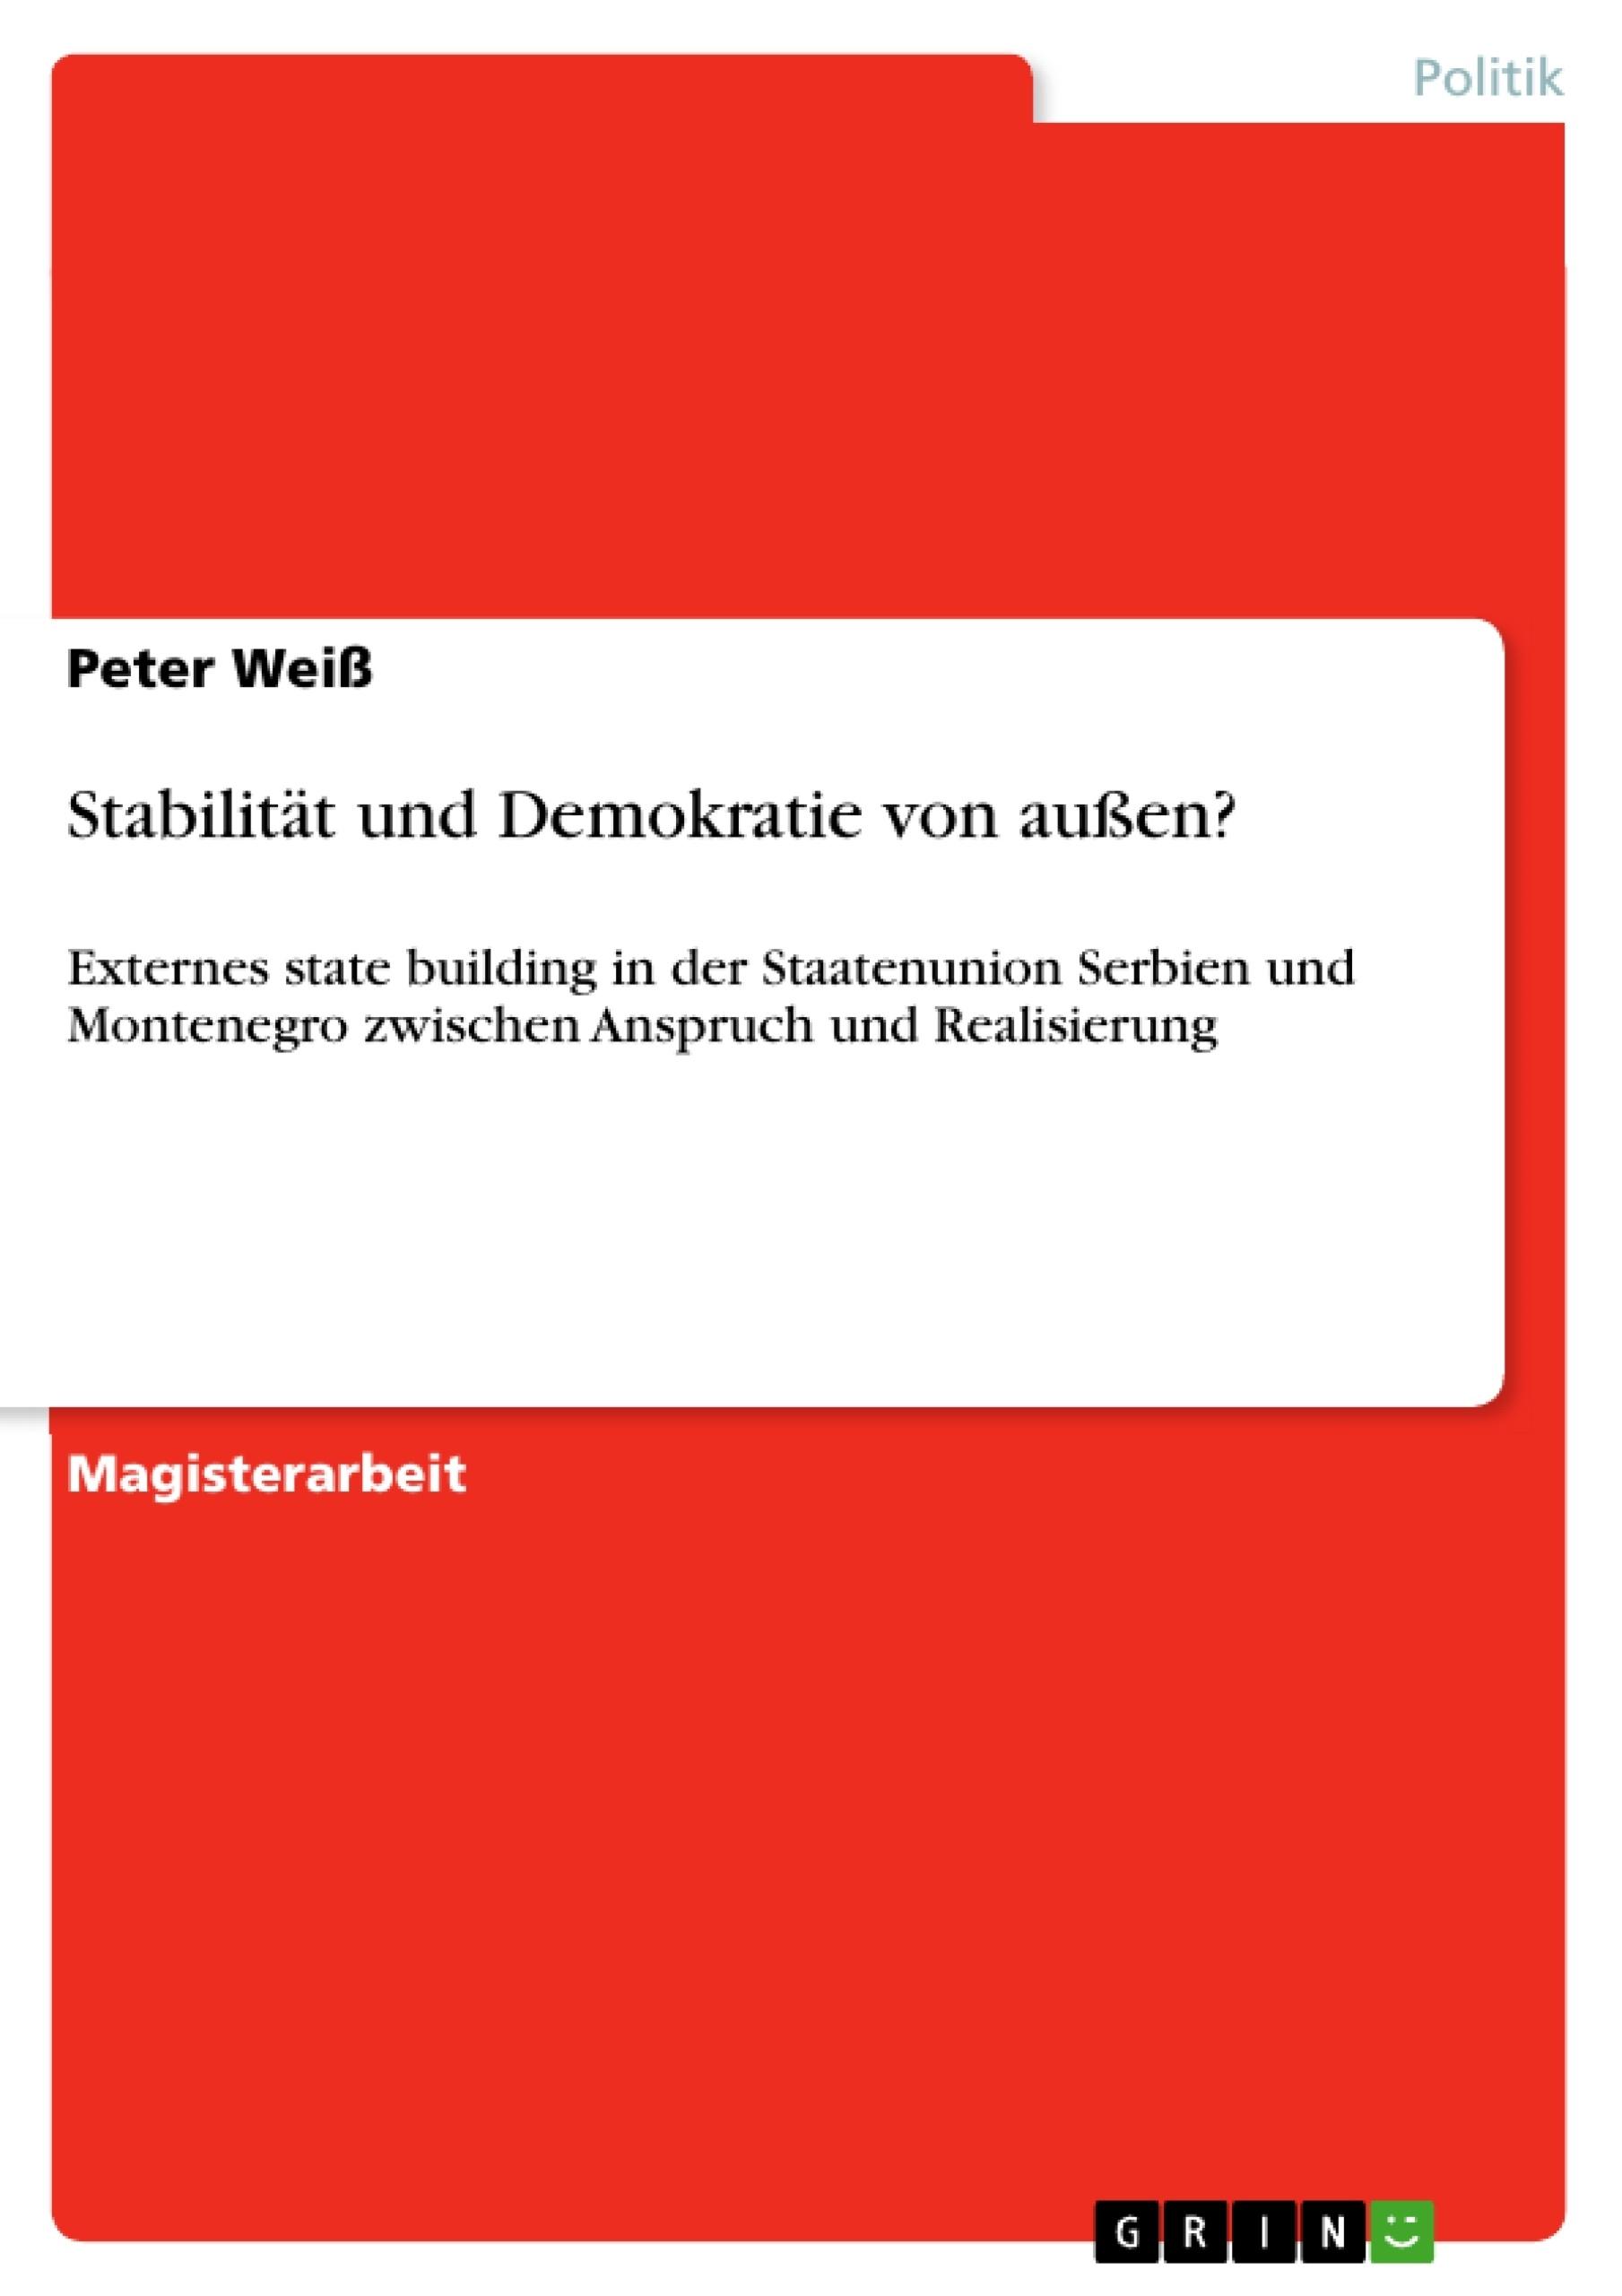 Titel: Stabilität und Demokratie von außen?